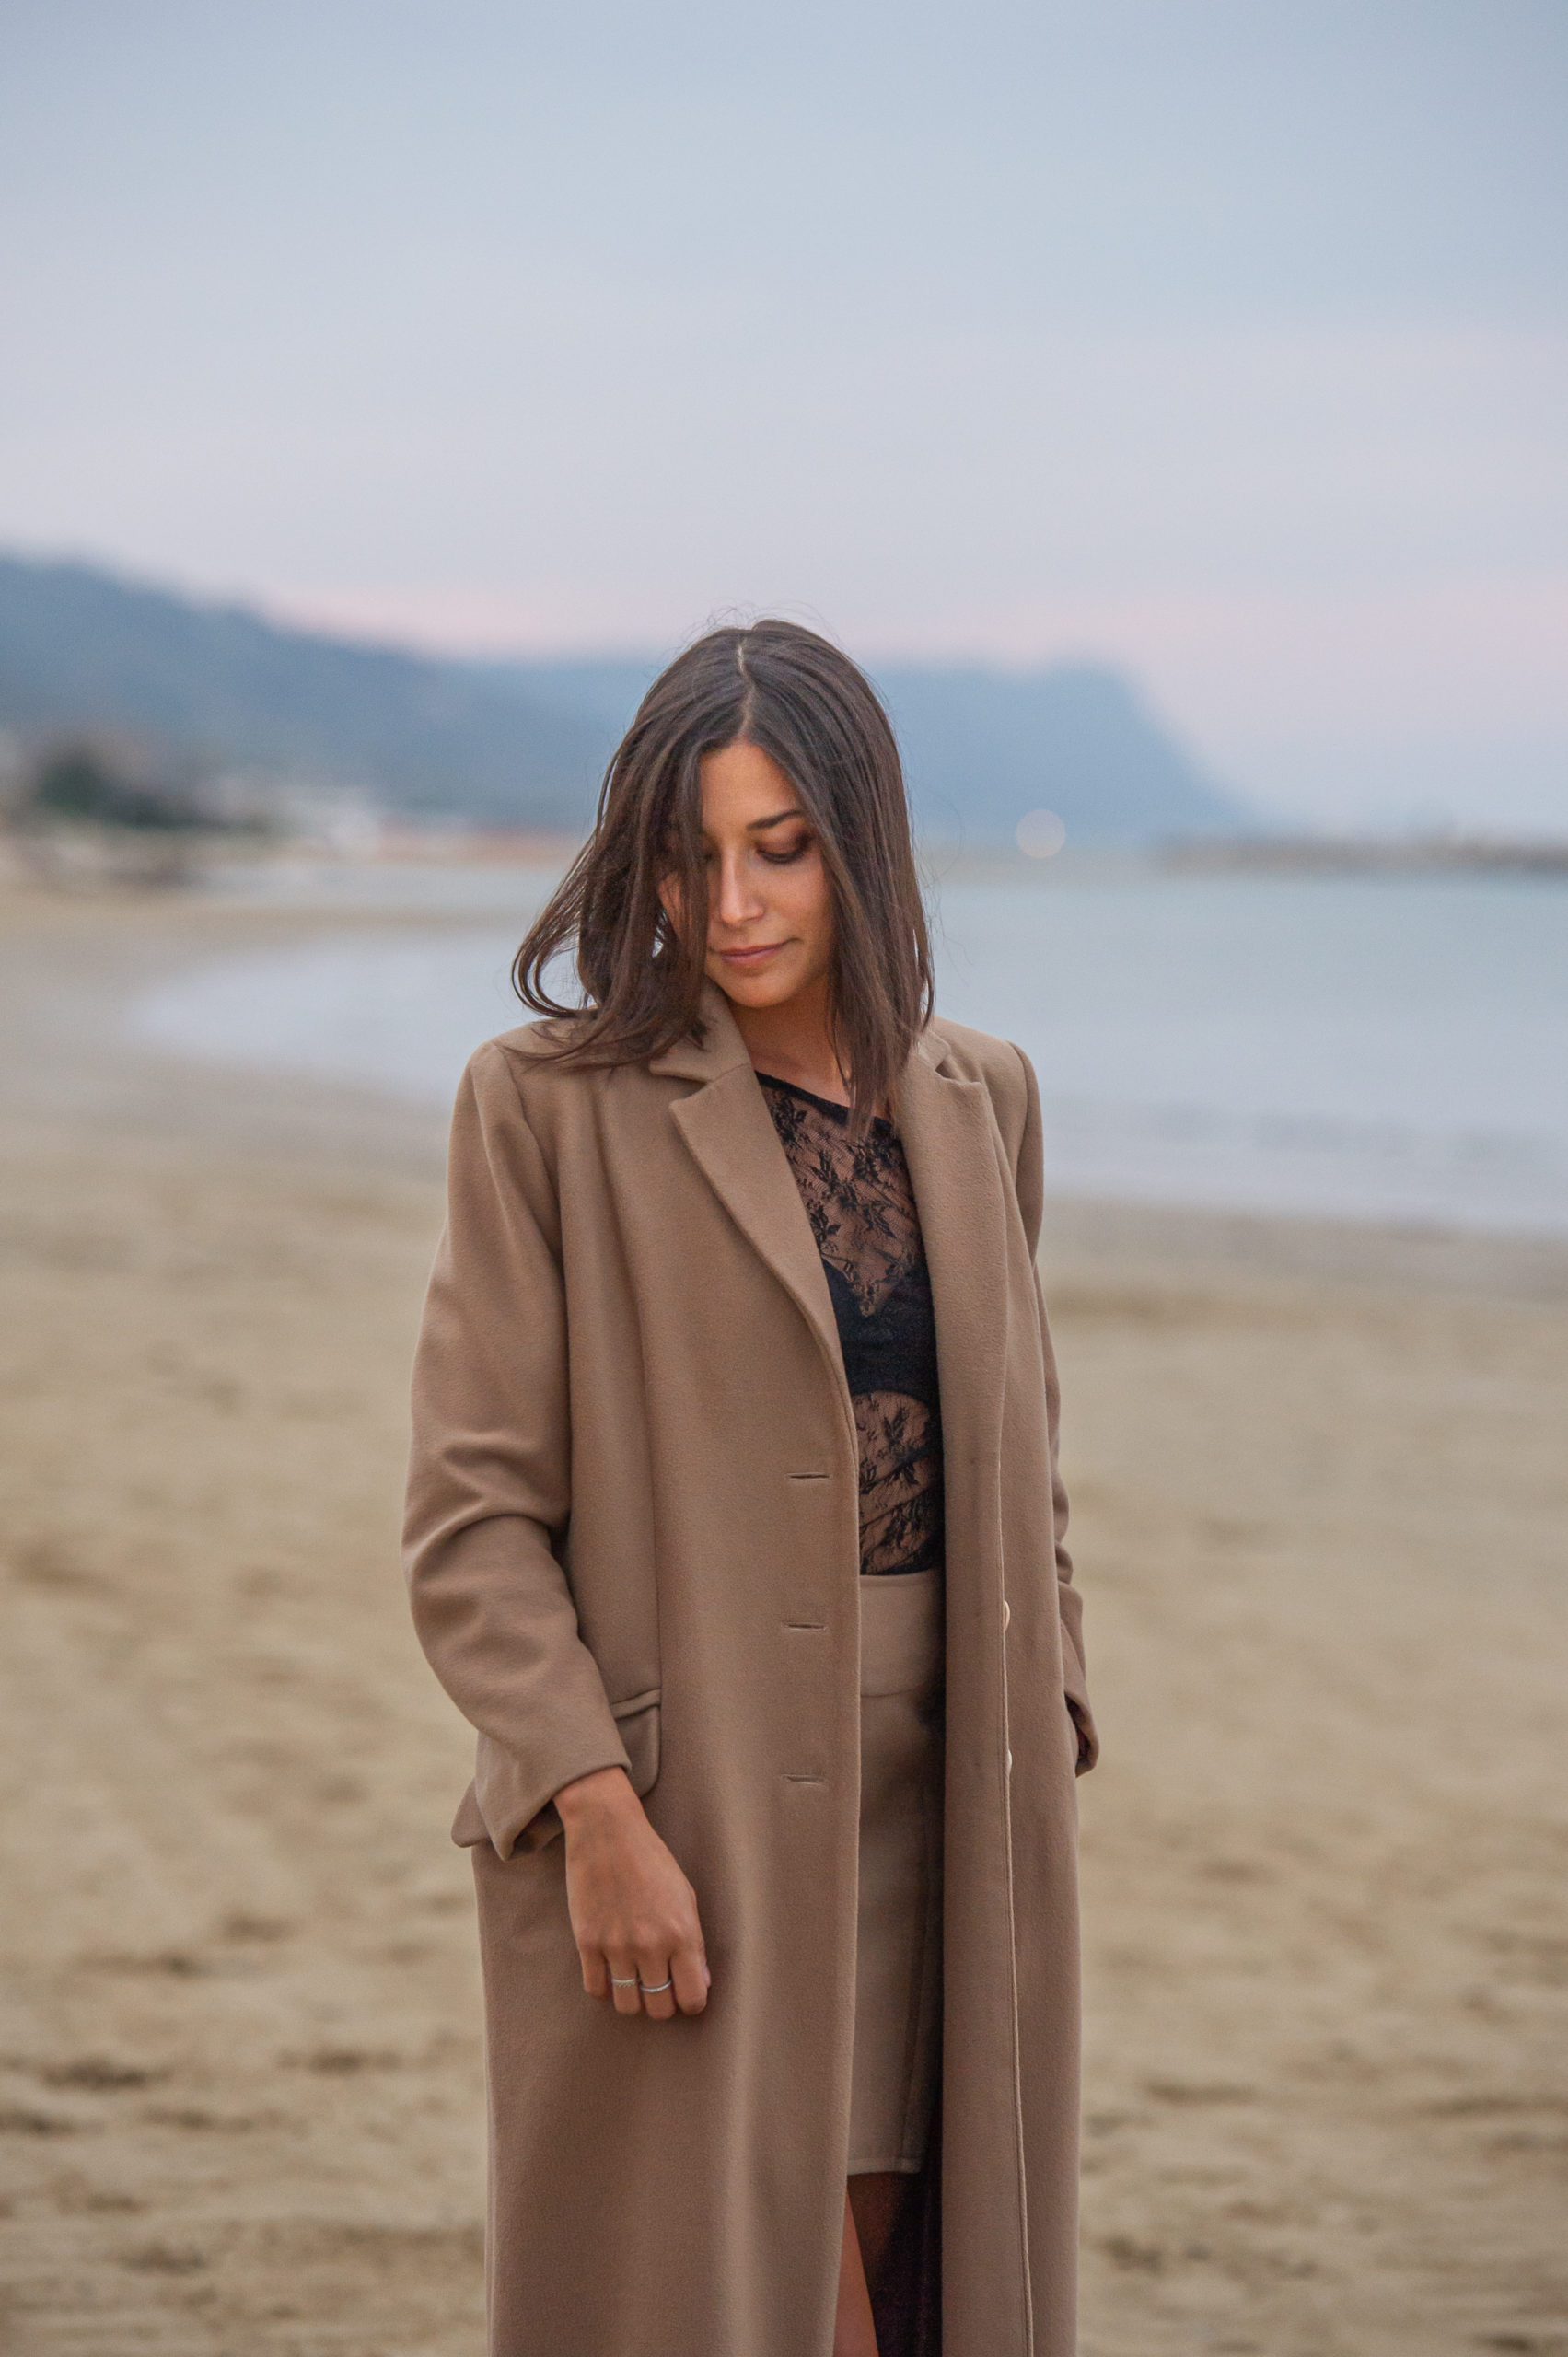 Chiara indossa un cappotto su misura in riva al mare